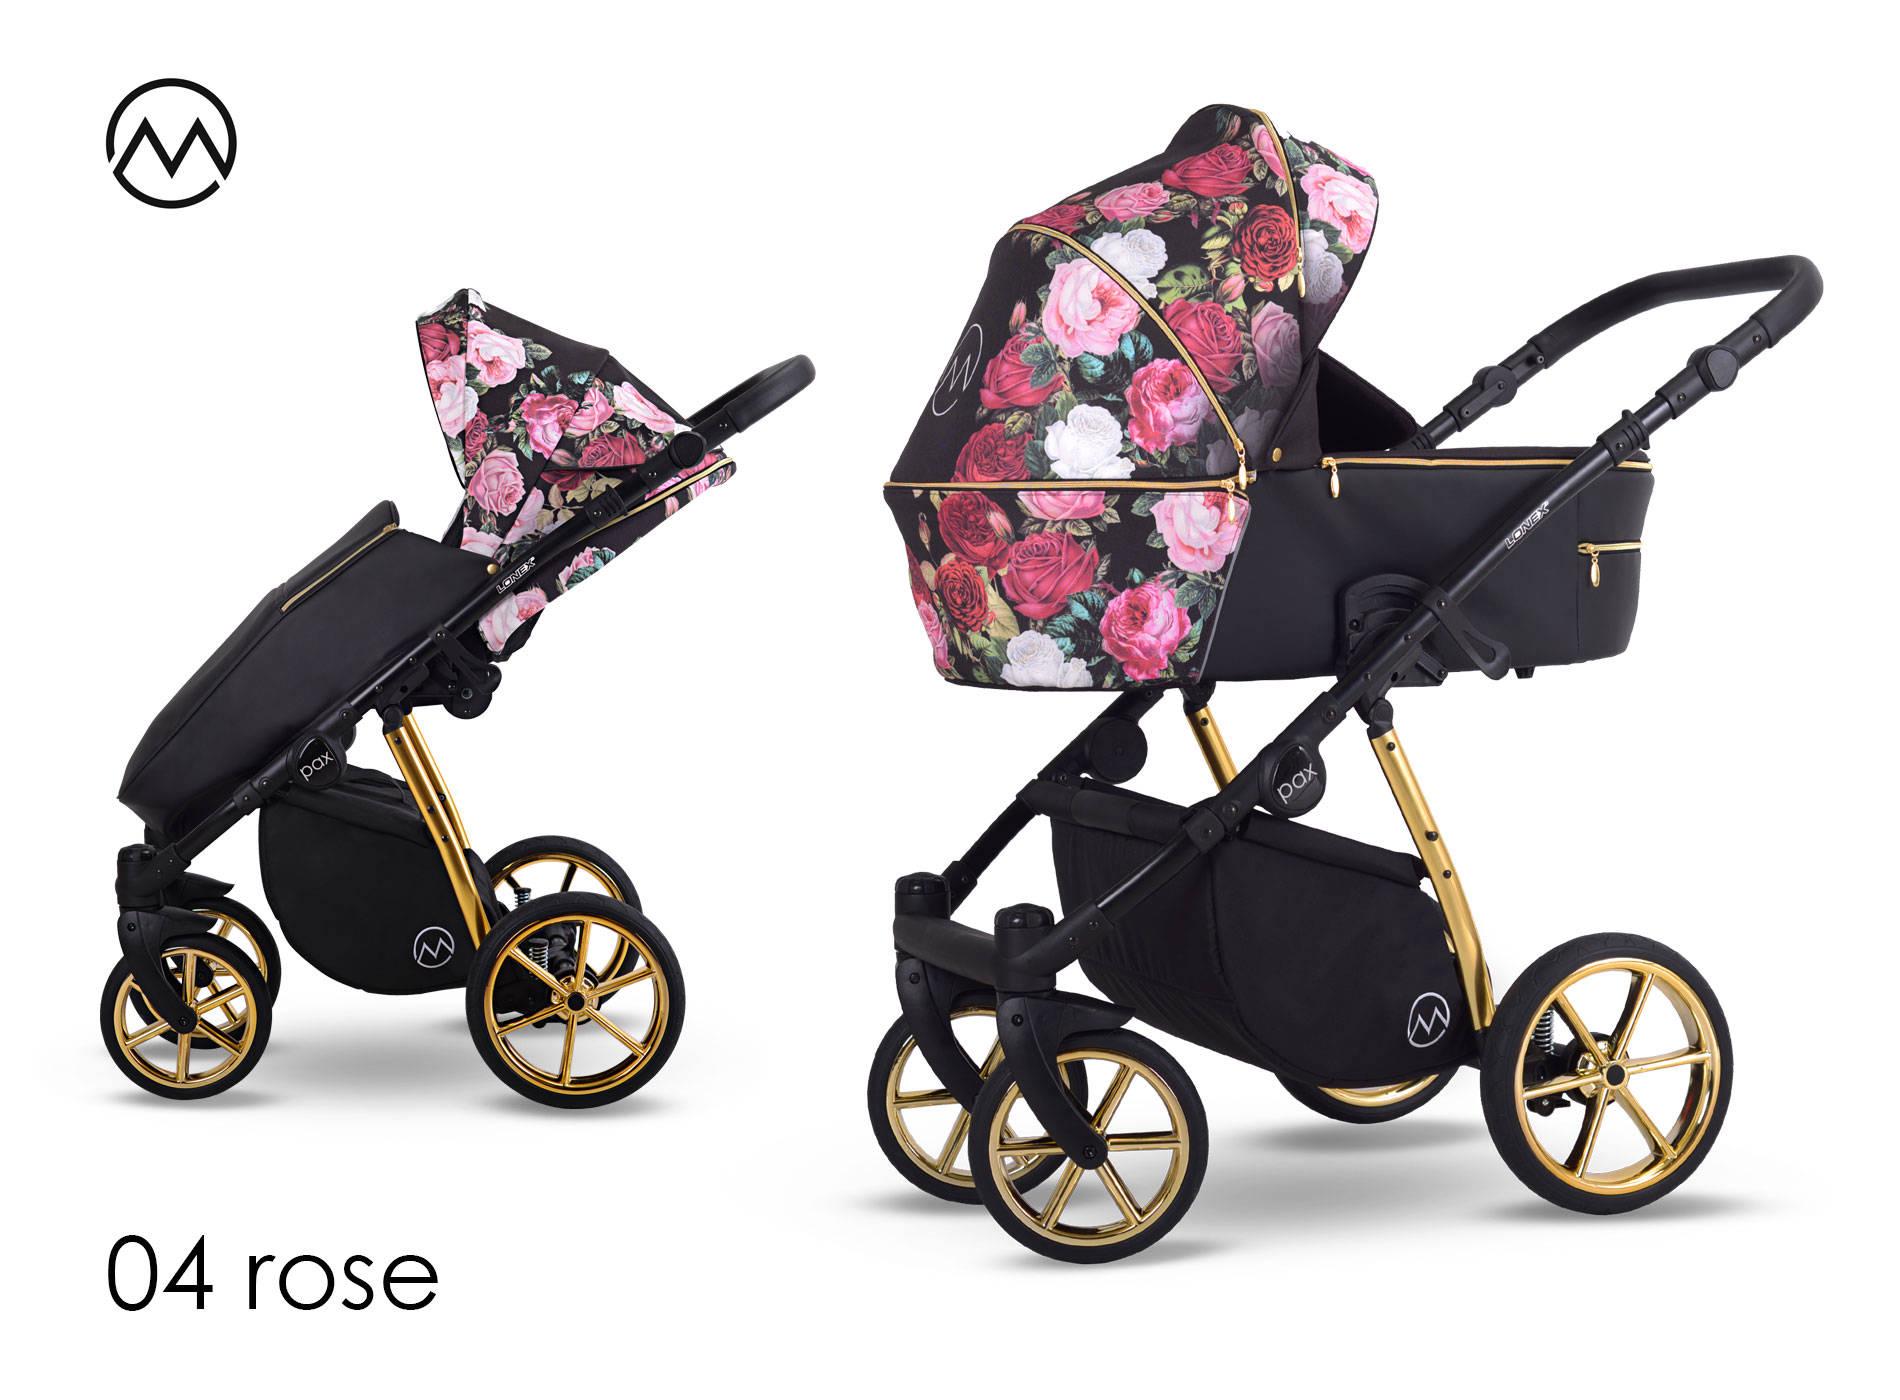 wózek dziecięcy Lonex Pax Rose wielofunkcyjny nowość gondola spacerówka w kwiaty Dadi Shop